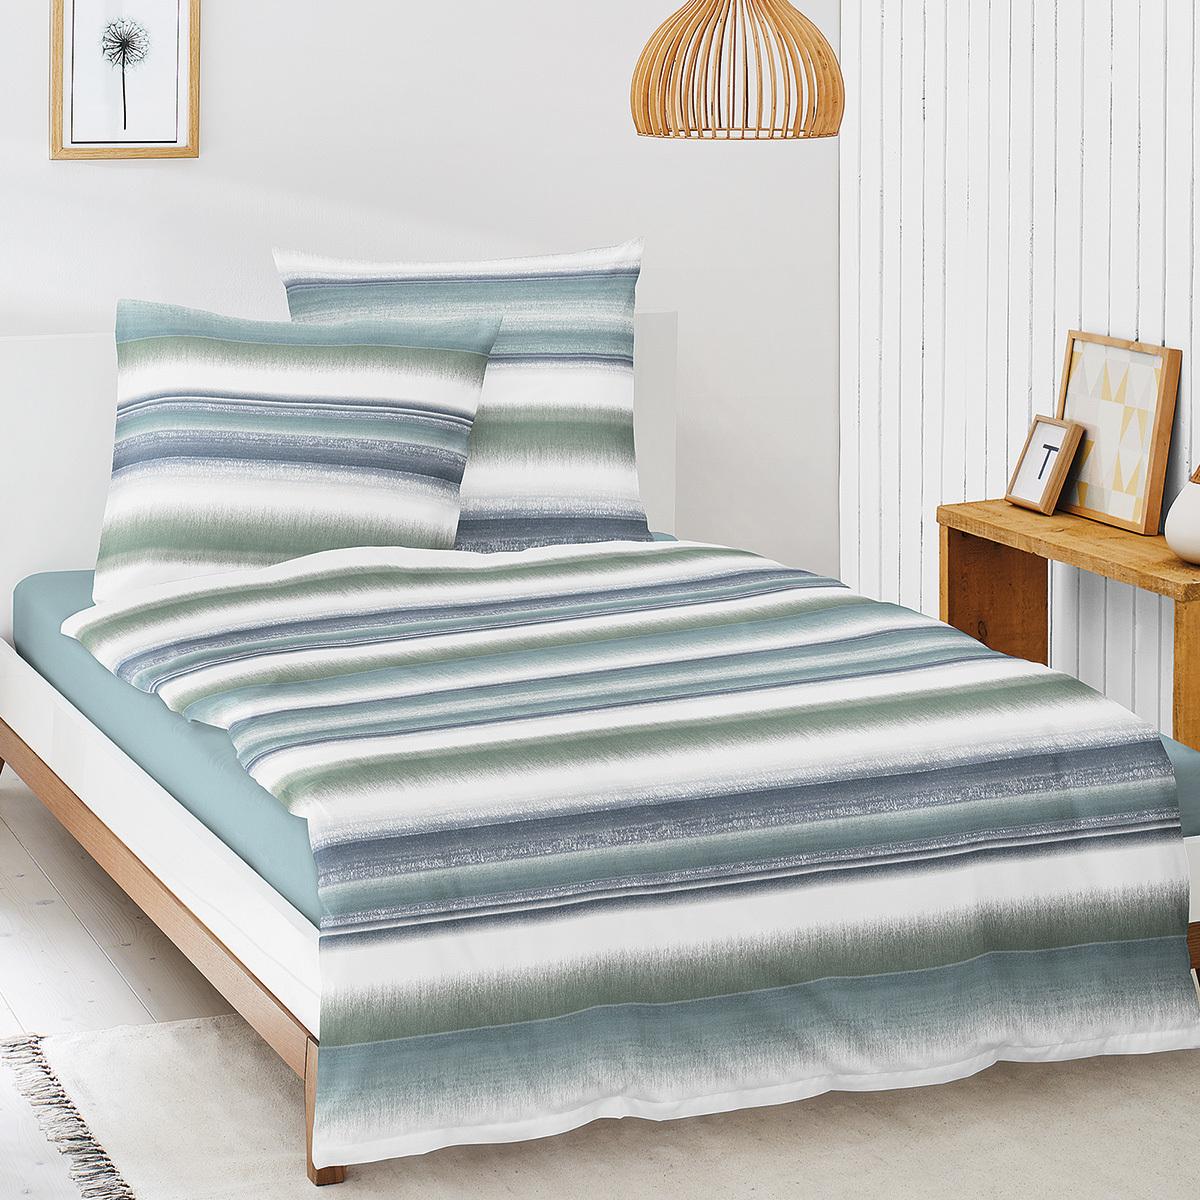 Baumwoll Bettwasche 135x200 Grun Preisvergleich Die Besten